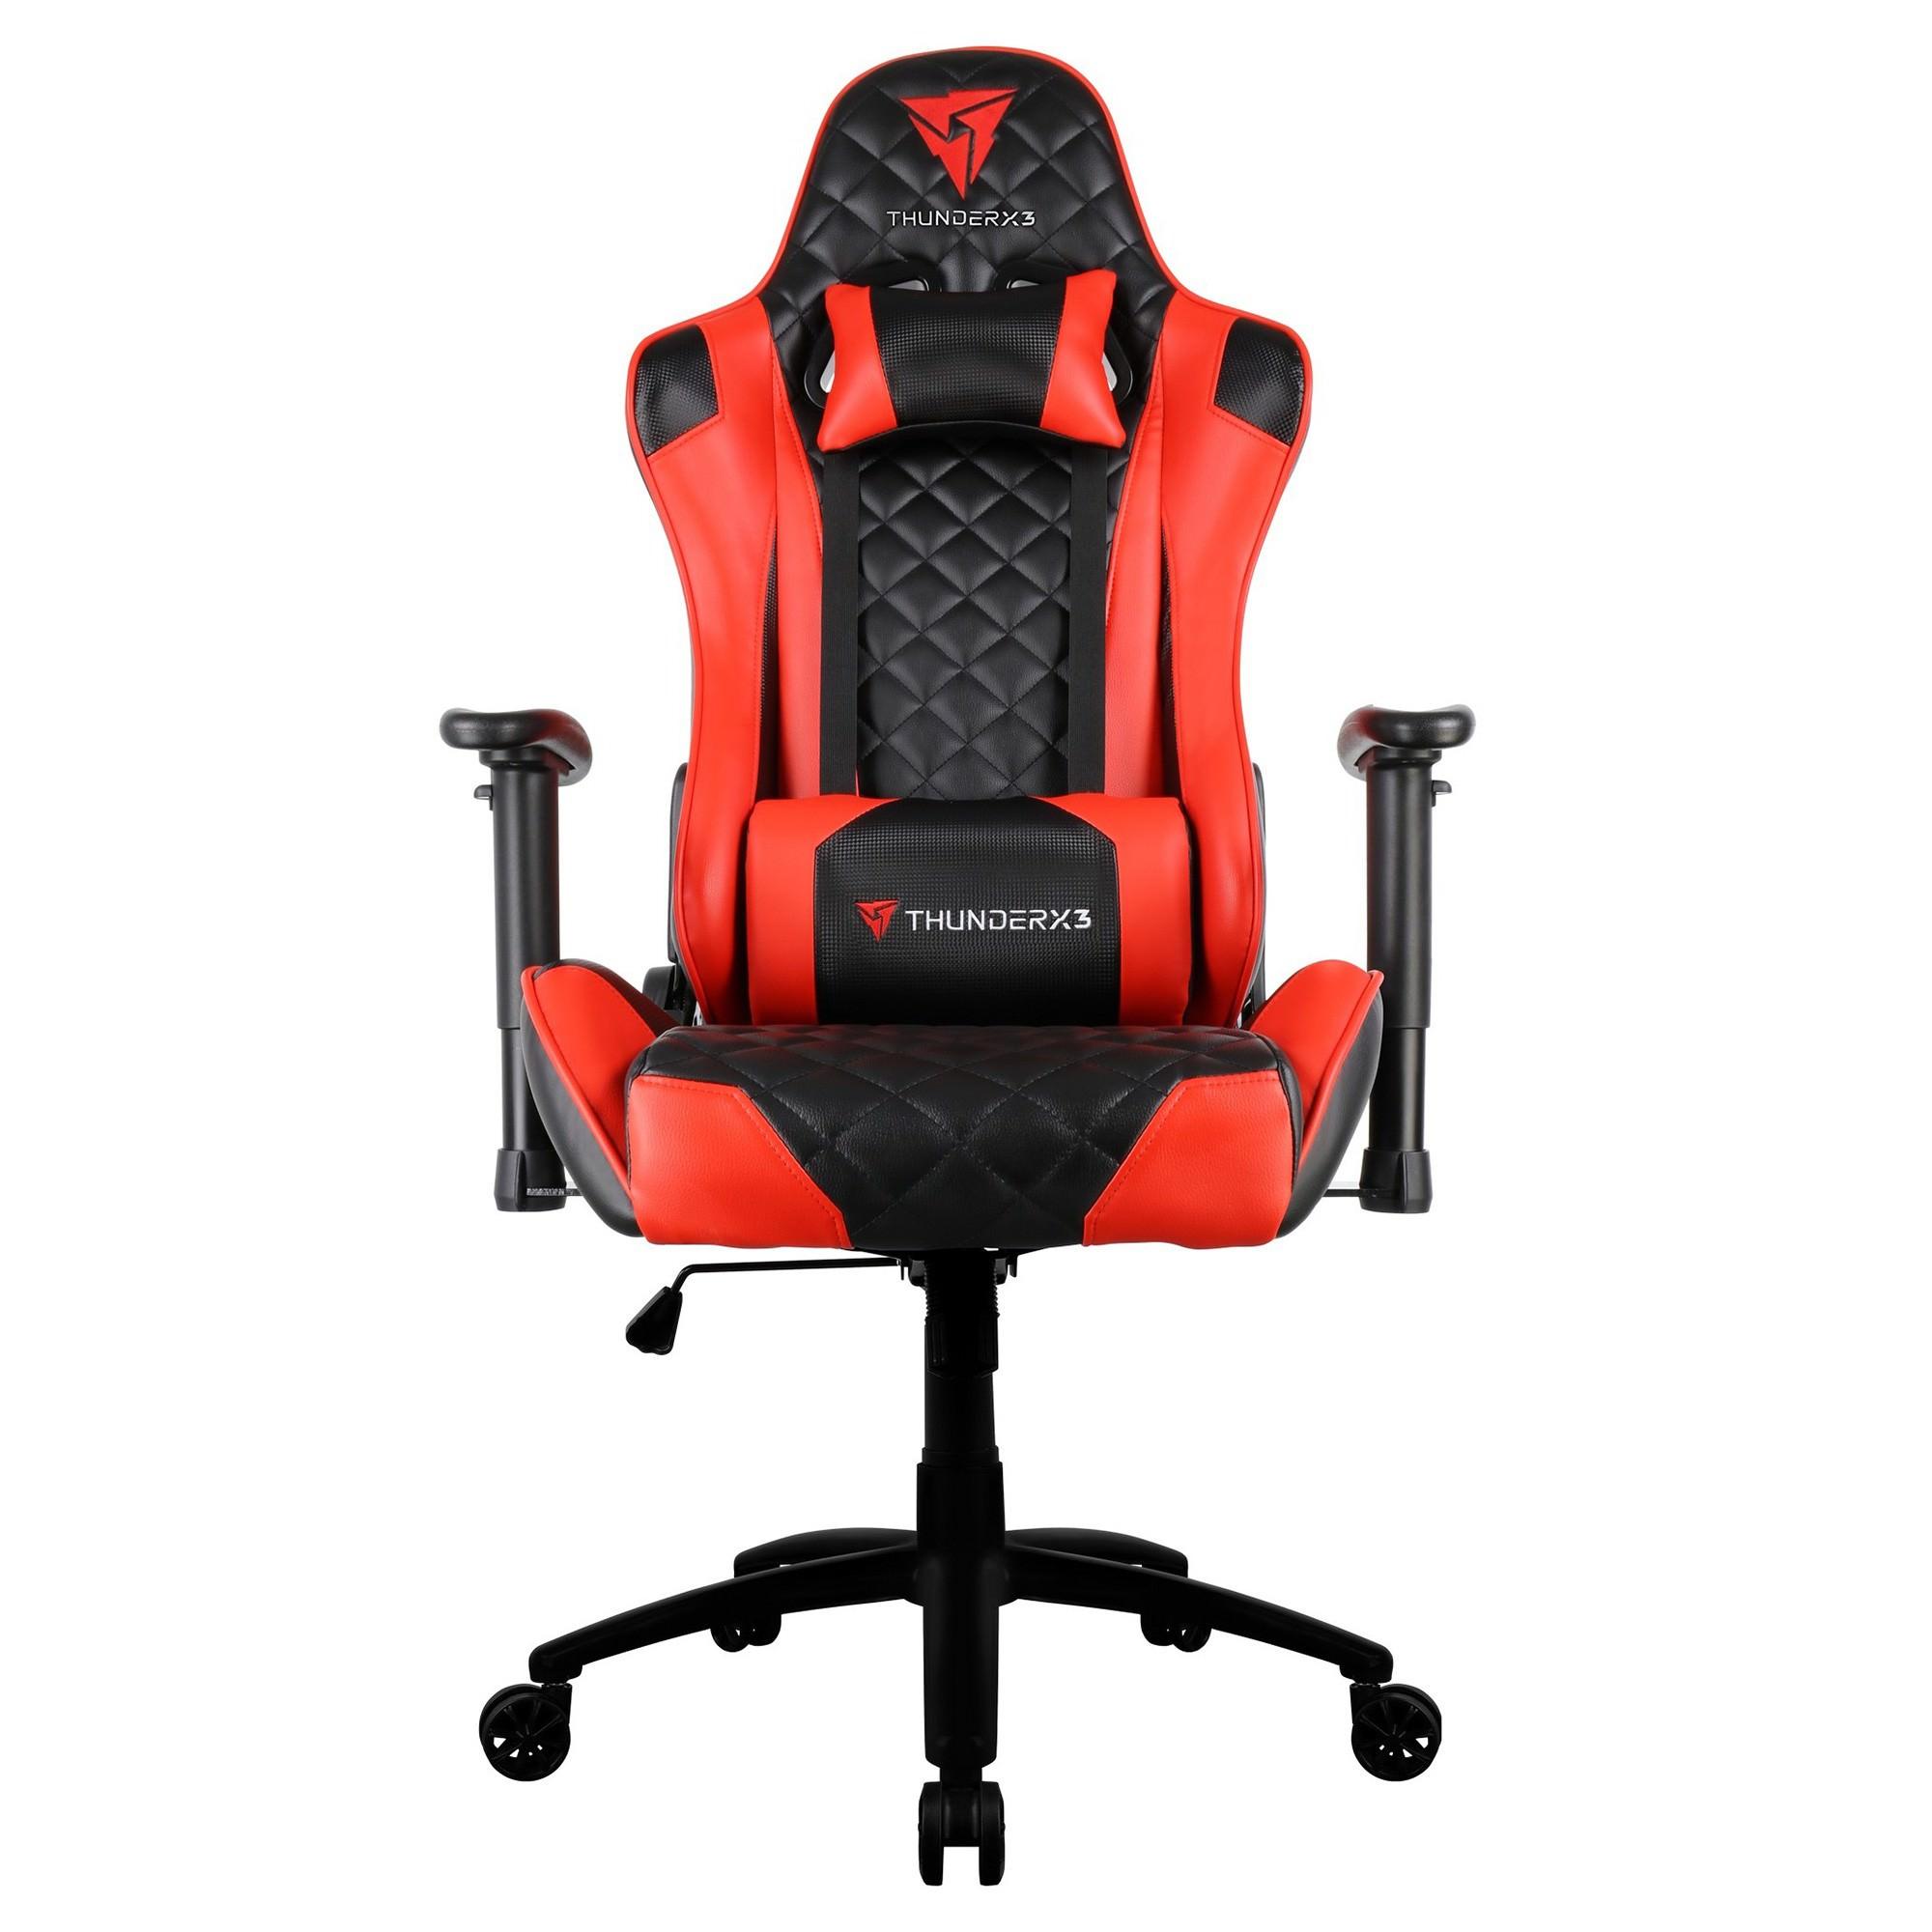 ThunderX3 TGC12 Gaming Chair, Black / Red